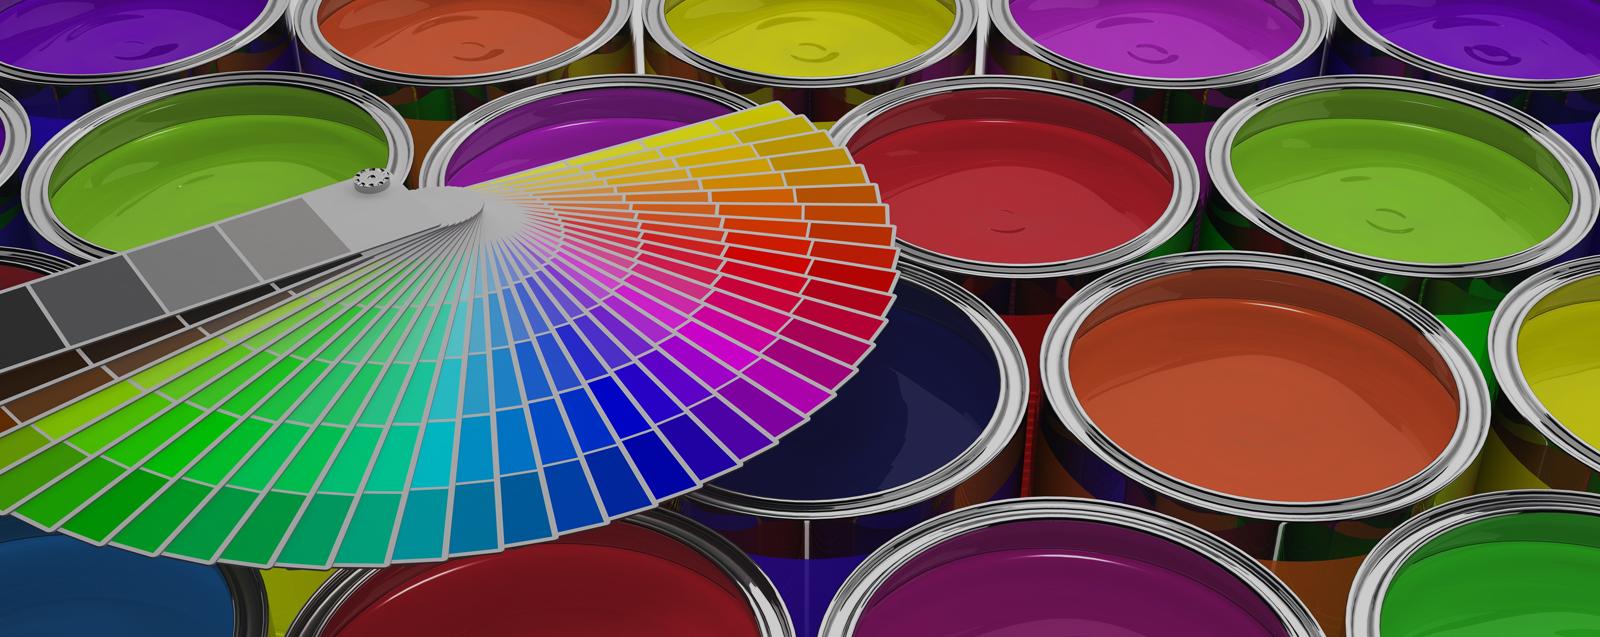 R novation cuisine r nover sa maison saint flour - Immagini st patrick a colori ...